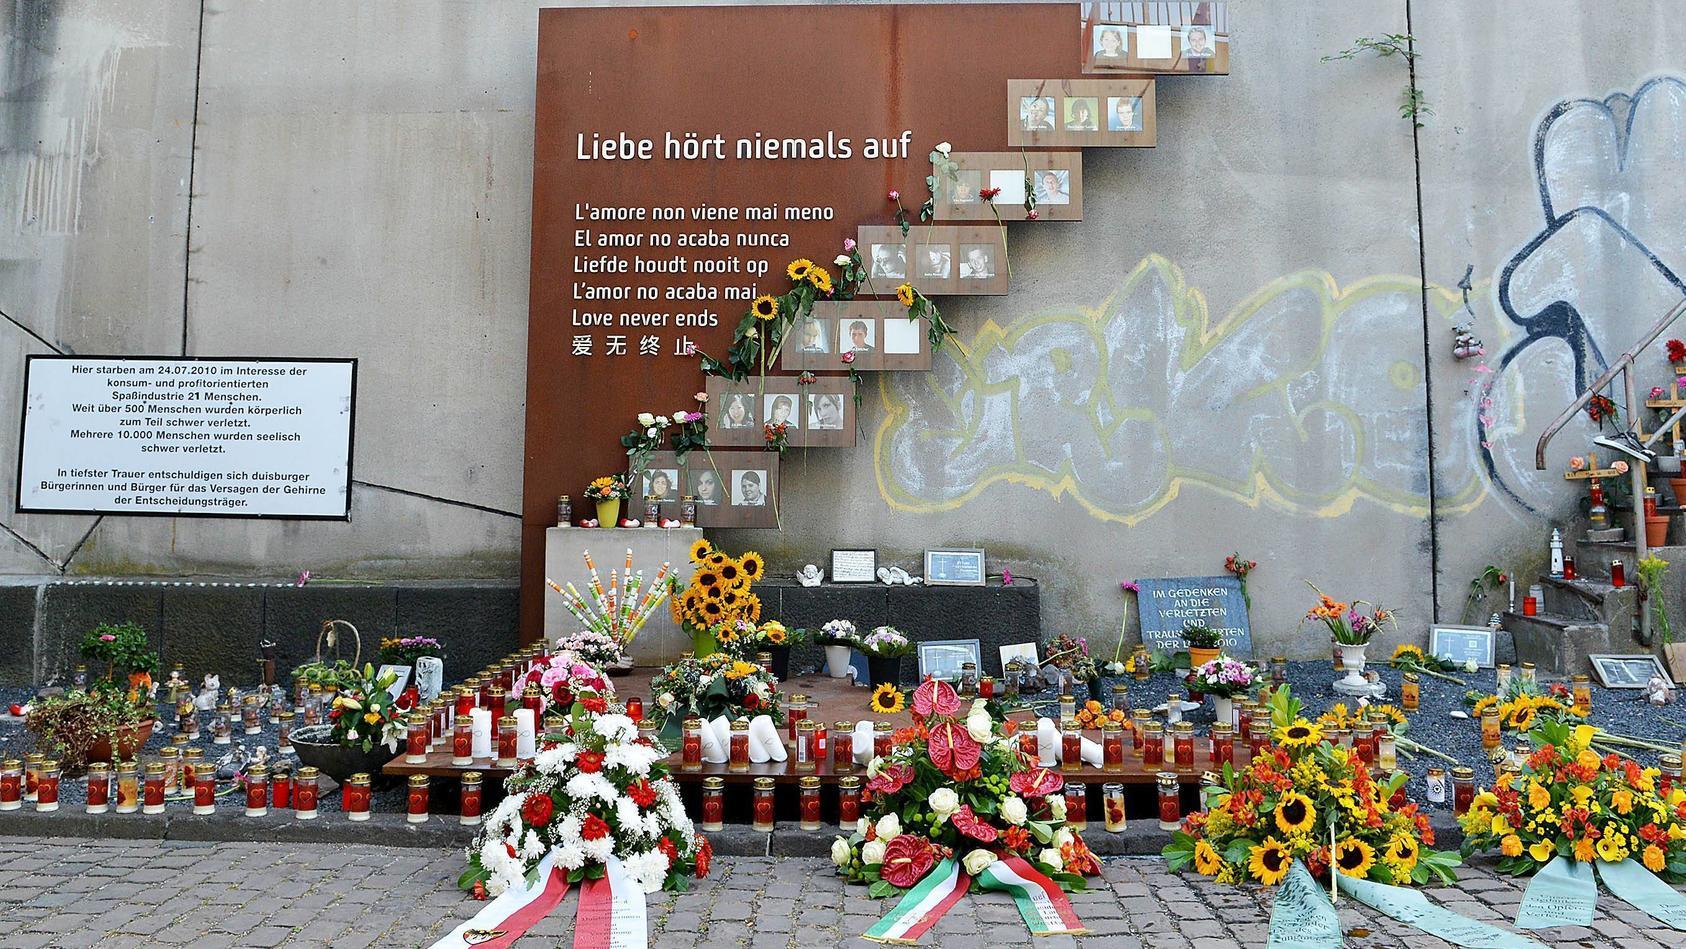 Gedenkstätte zur Loveparade 2010 am 24.07.2018 am Karl-Lehr-Tunnel in Duisburg Der Karl-Lehr-Tunnel und die Rampe des L